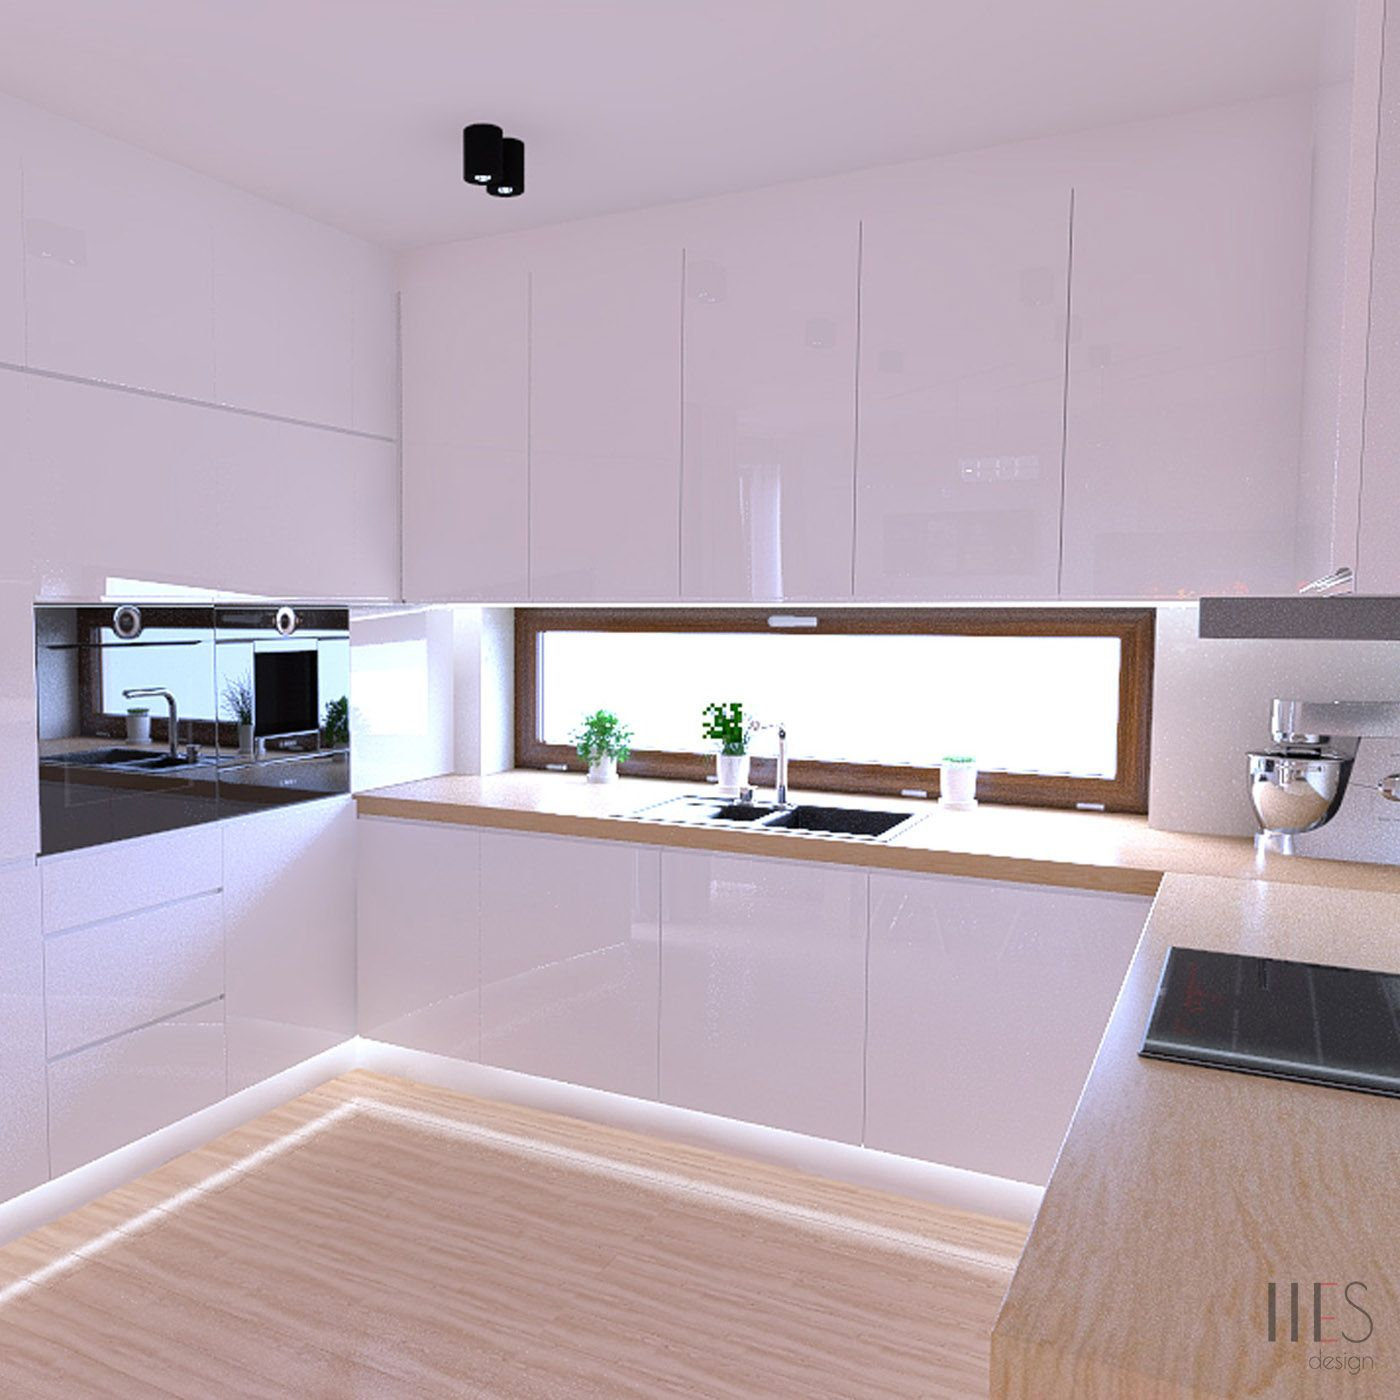 Biala Kuchnia Otwarta Na Salon Tworzy Eleganckie I Jednoczesnie Funkcjonalne Wnetrze Small House Design Kitchen Cabinets Kitchen